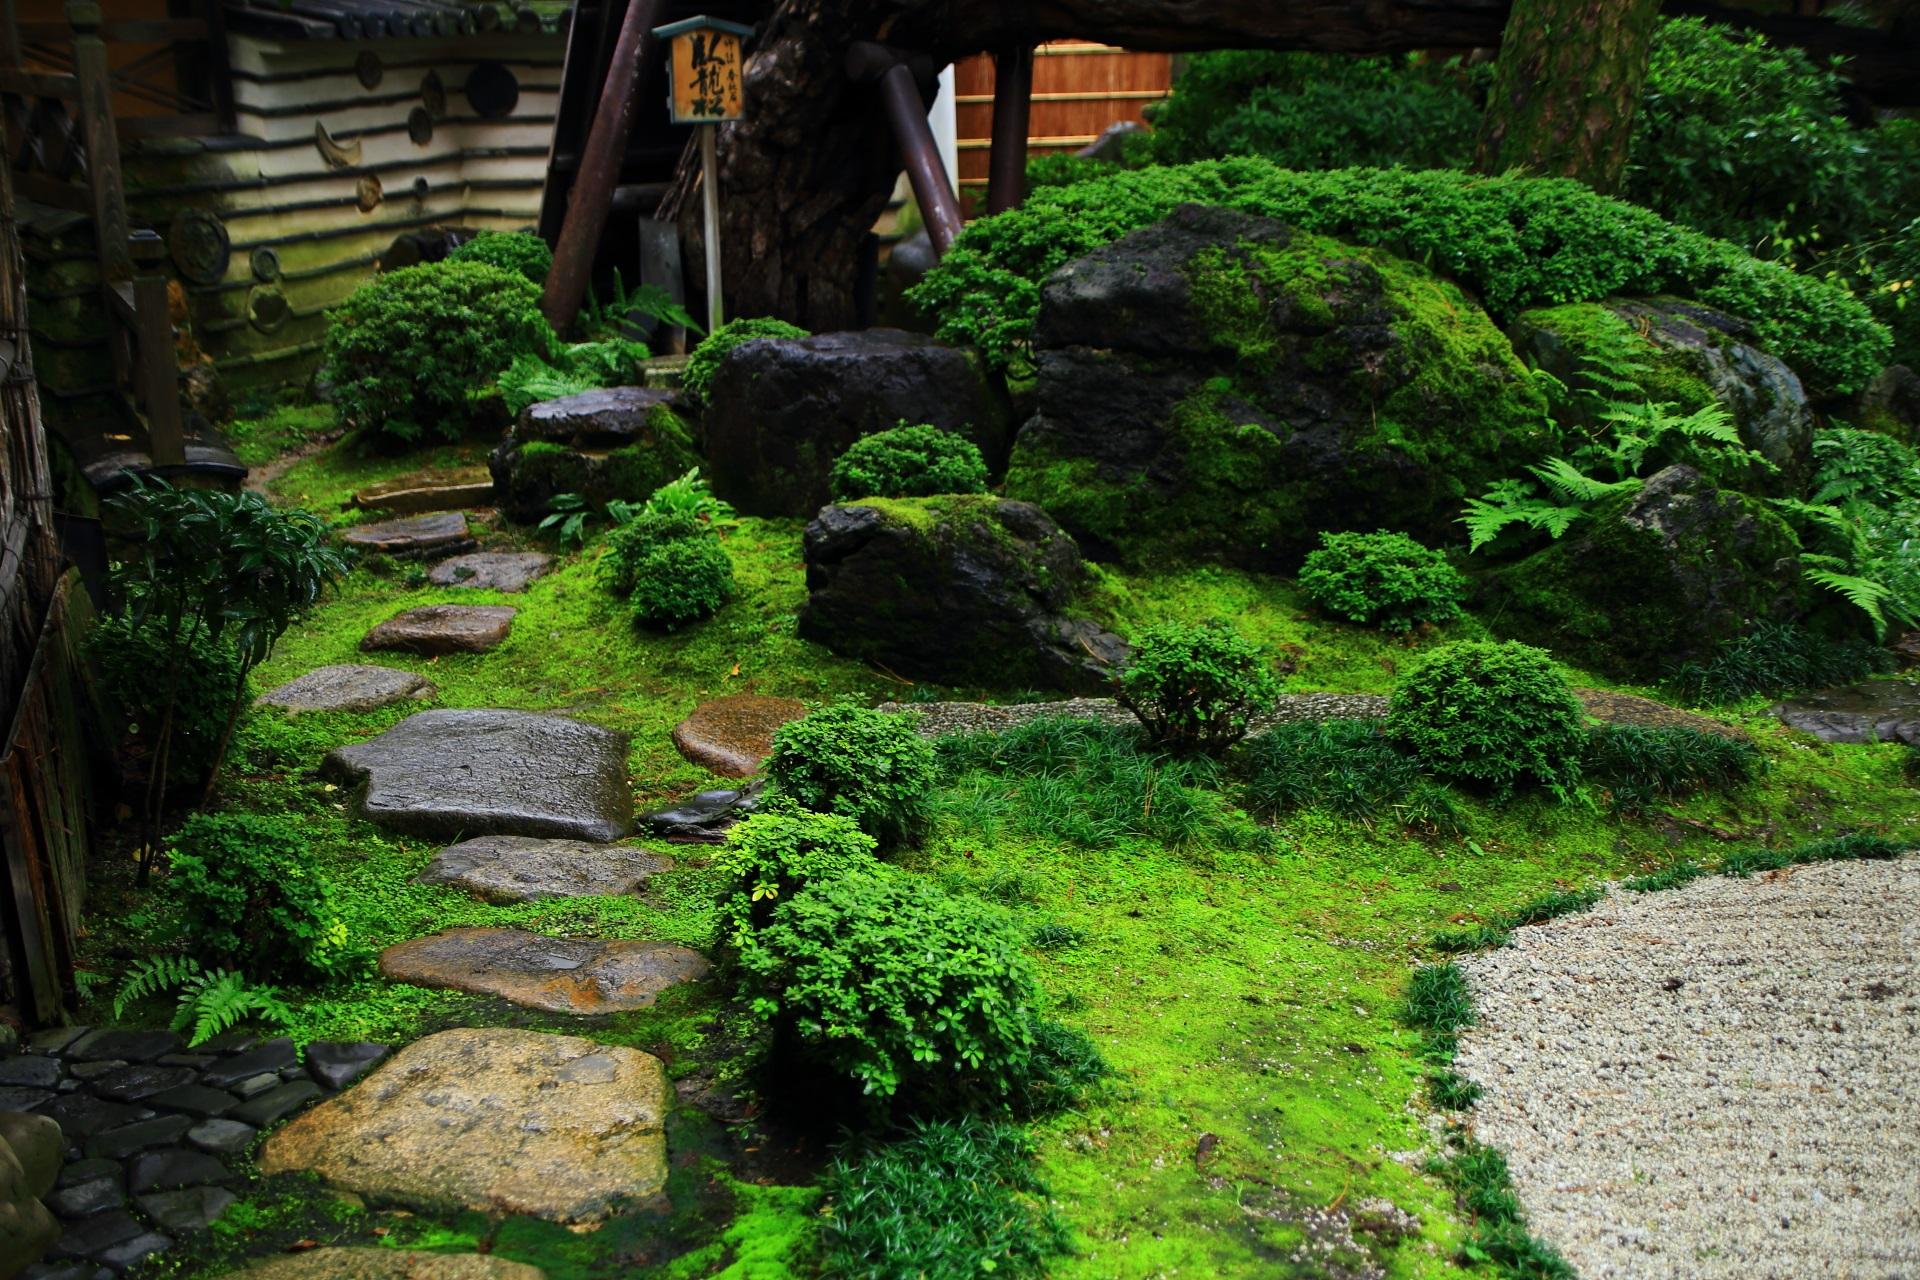 緑が豊富で癒される角屋の臥龍松の庭